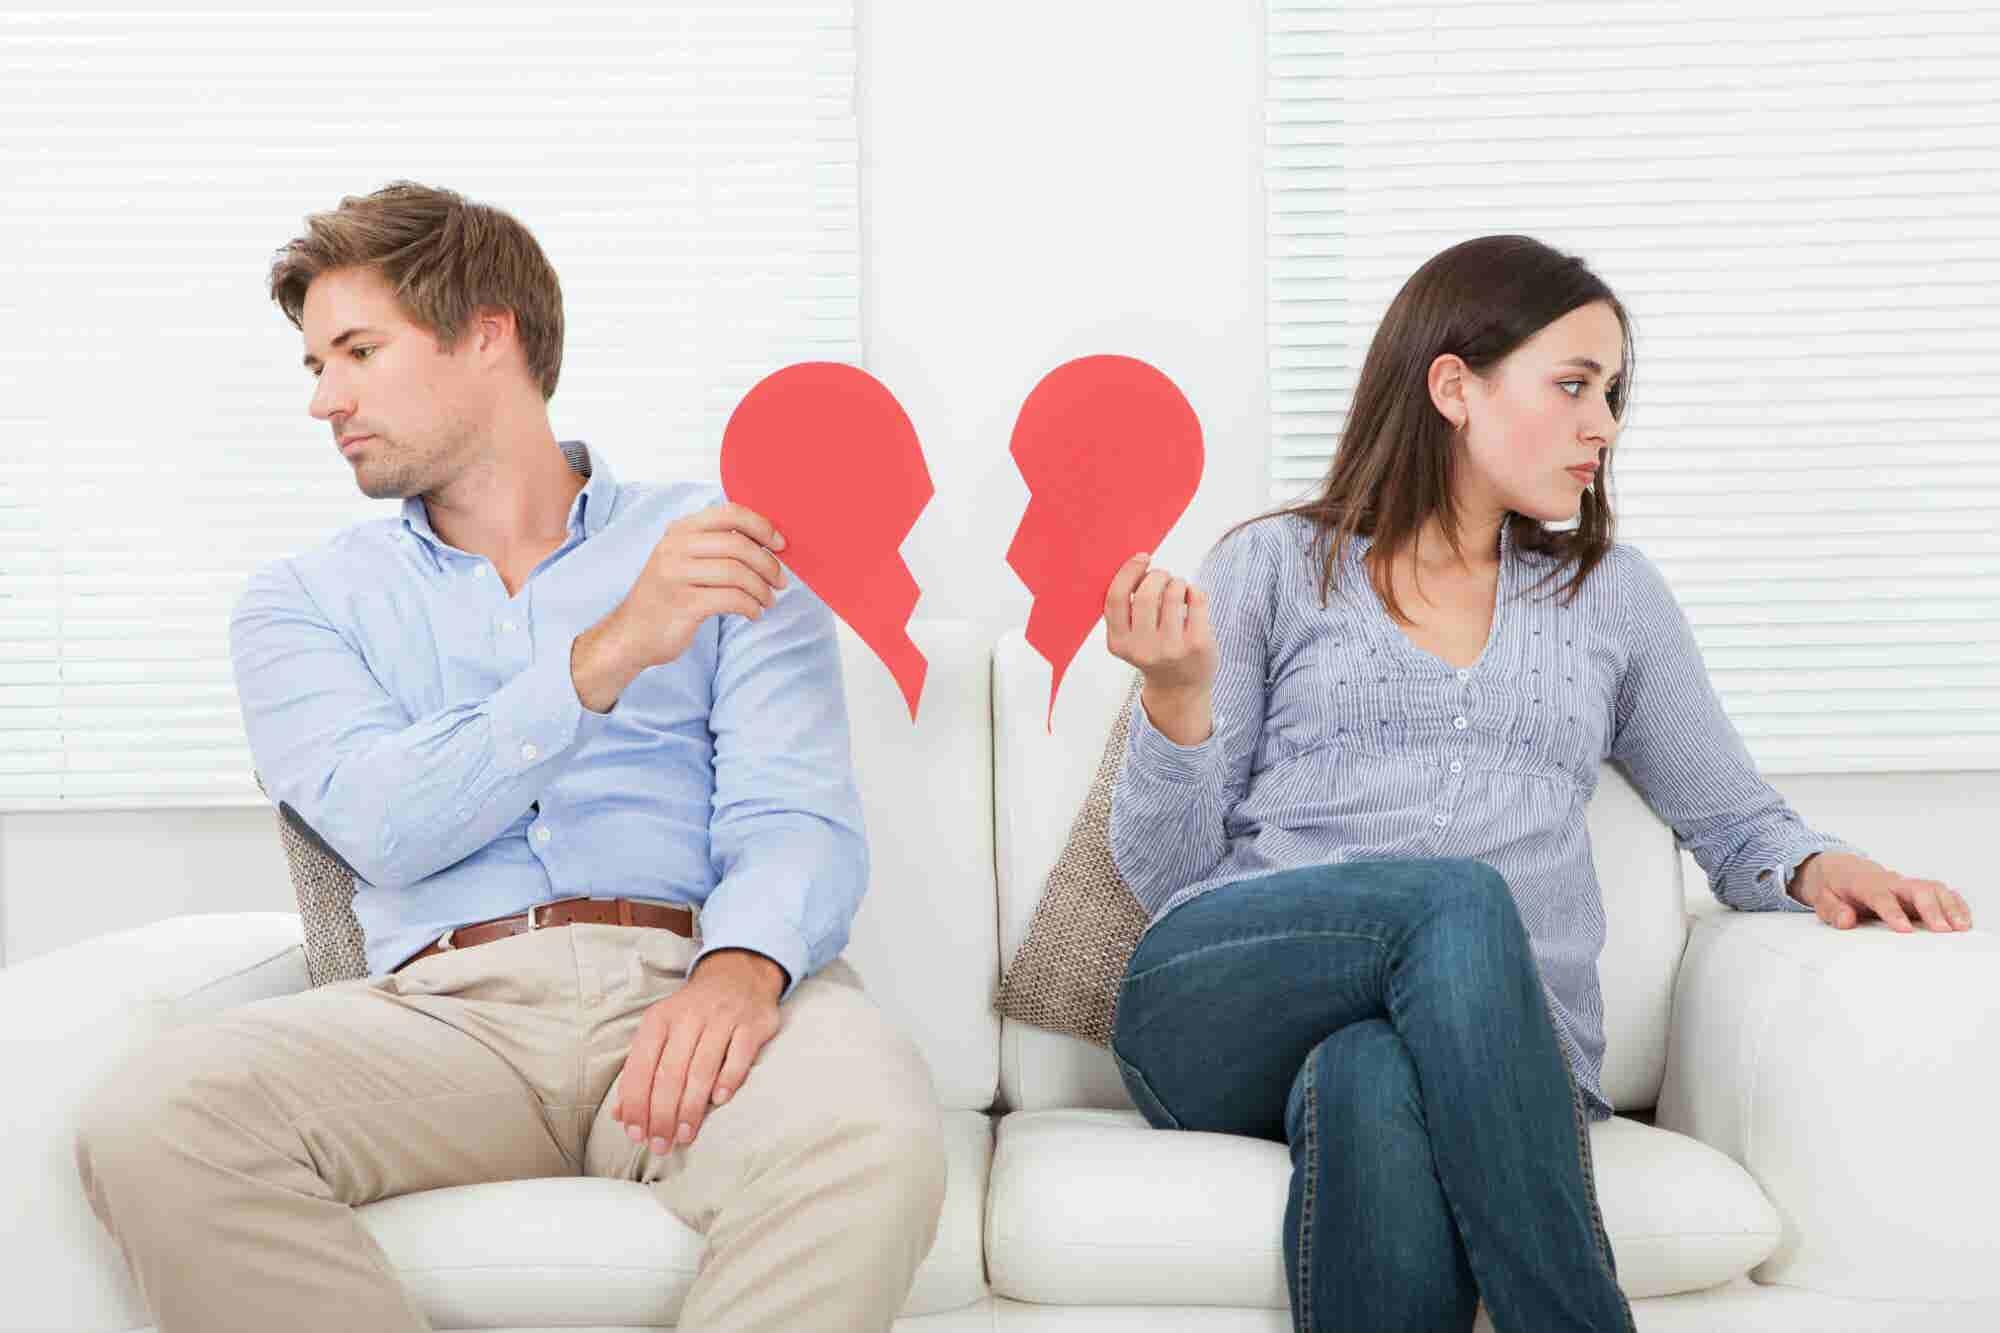 Los 4 'cuatro jinetes del Apocalipsis' que muestran una relación que está fallando